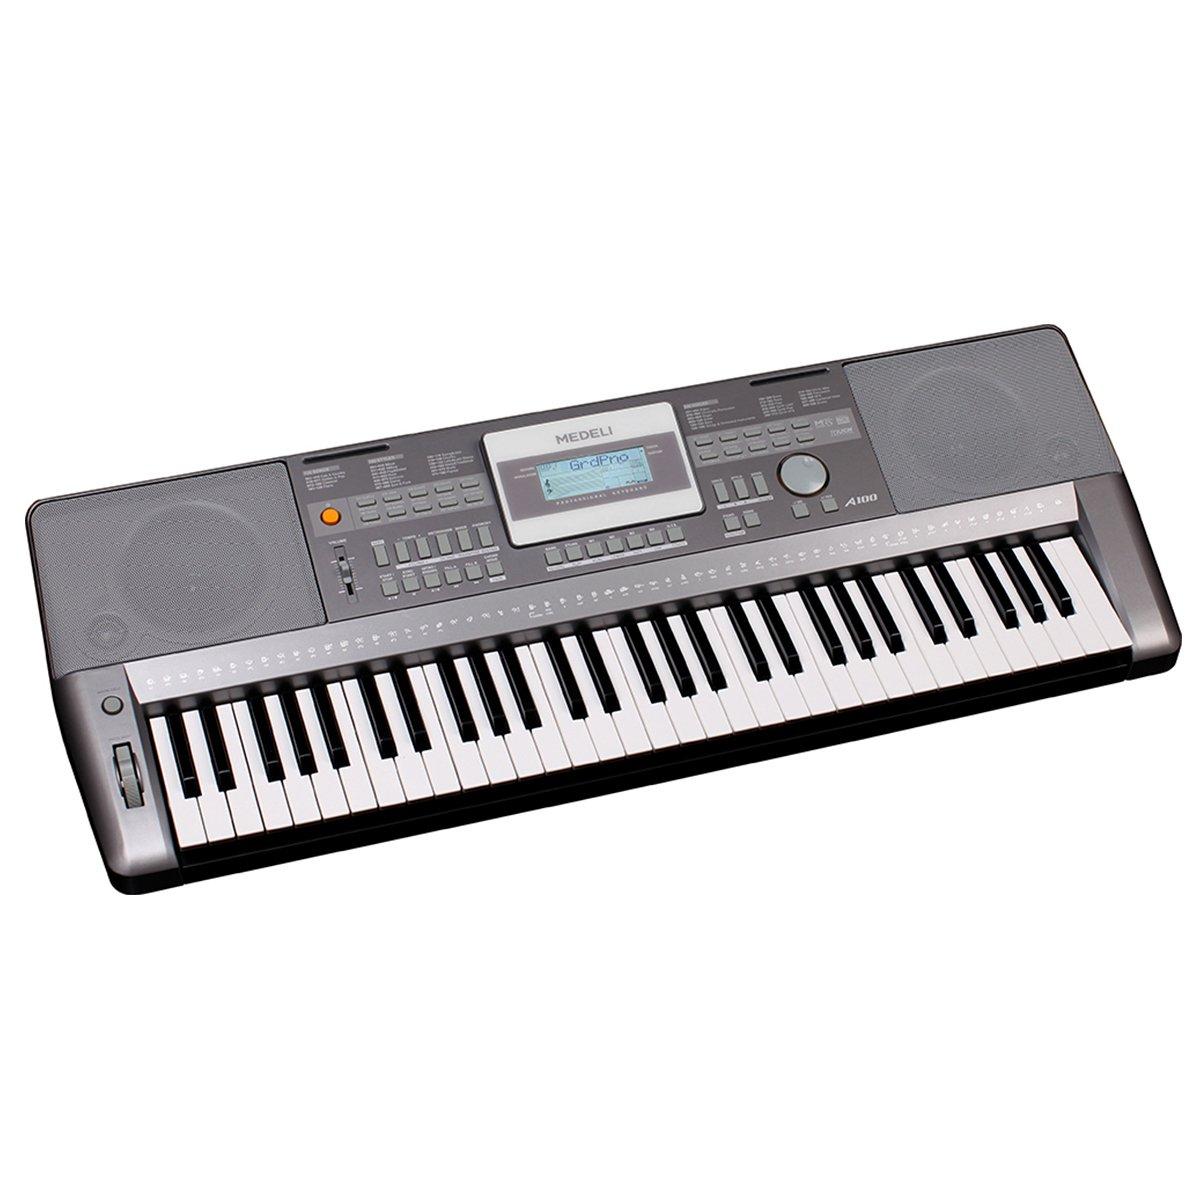 Medeli A100 - Teclado Electrónico Portátil, 61 Teclas Sensibles, USB Midi, Pantalla LCD Retroiluminada, 508 Voces, Polifonía 64: Amazon.es: Instrumentos ...